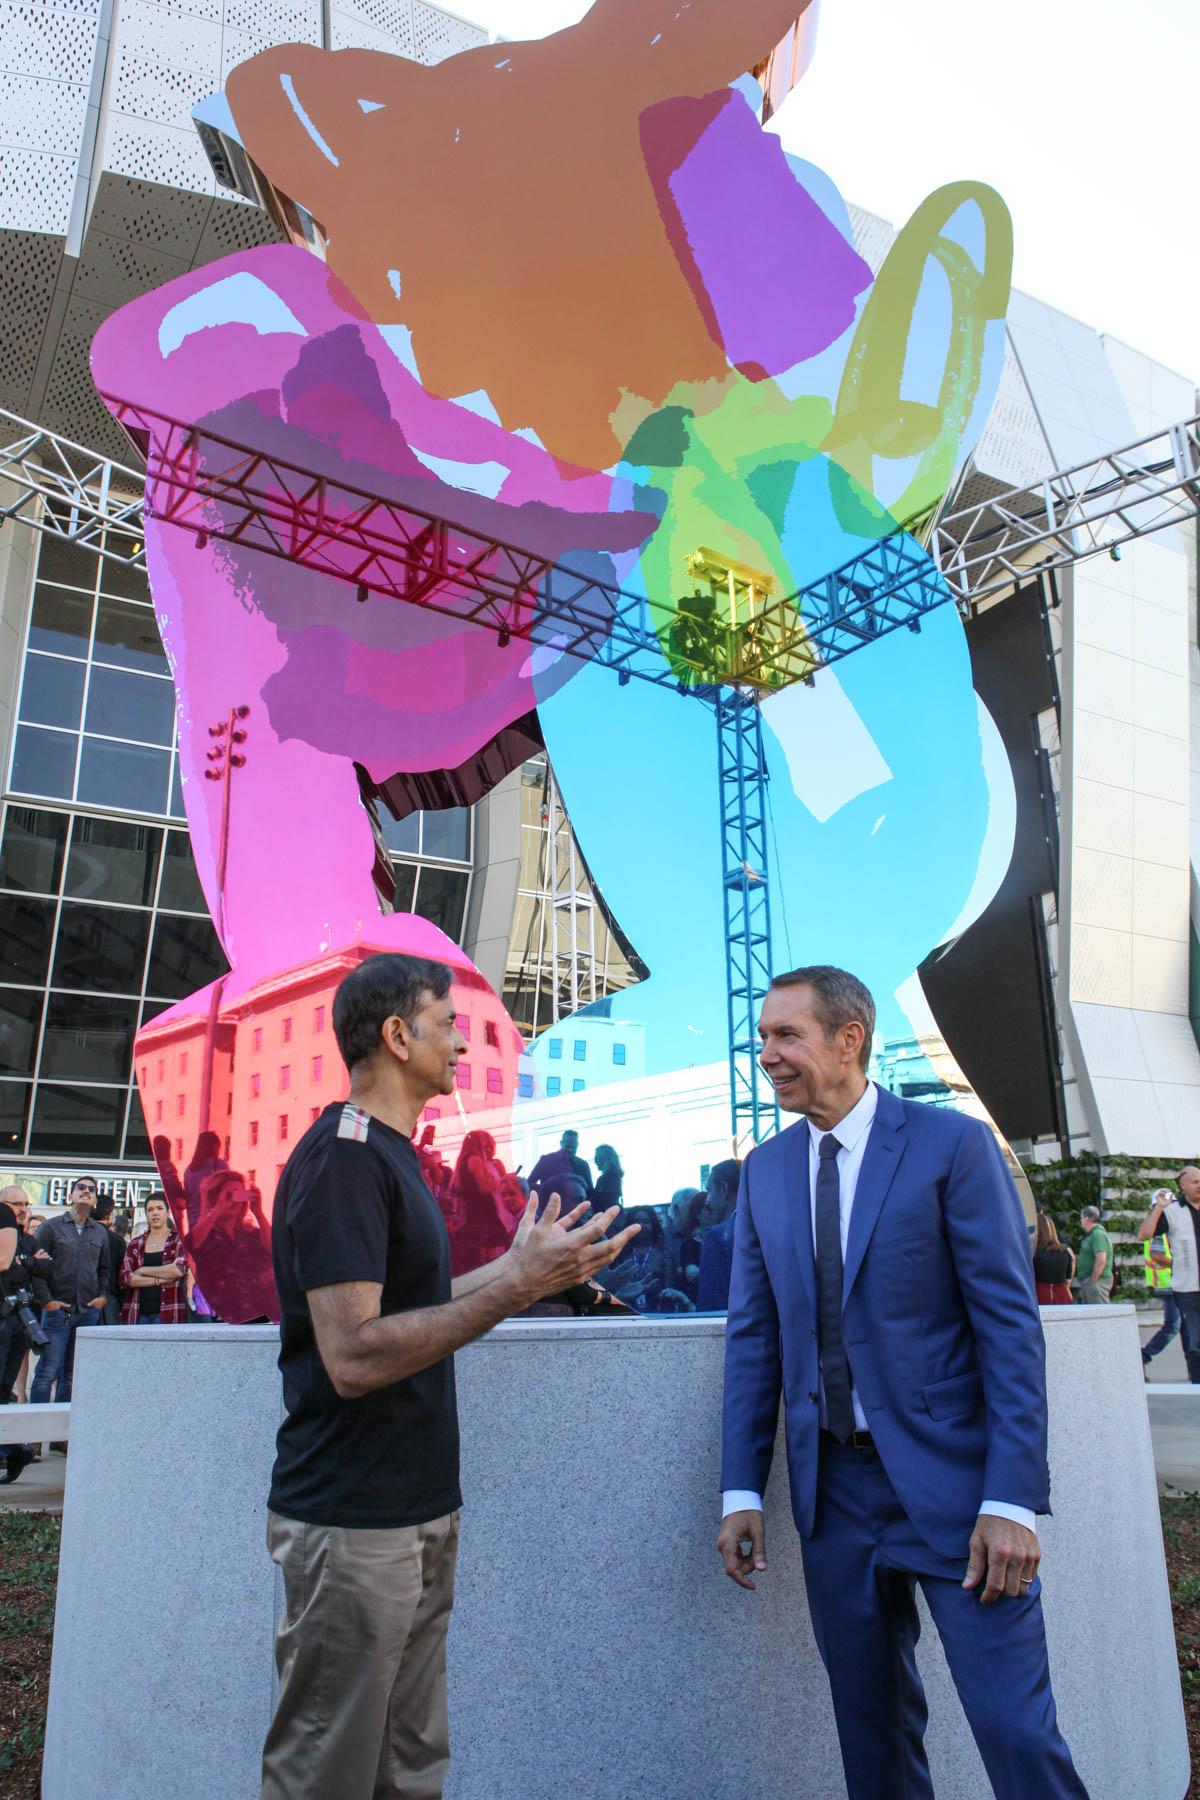 Sacramento Kings propietario Vivek Ranadivé con el artista Jeff Koons en la inauguración de su nueva escultura <em> Coloring Book </ em> en el Golden Center 1. Cortesía del Centro de oro 1.